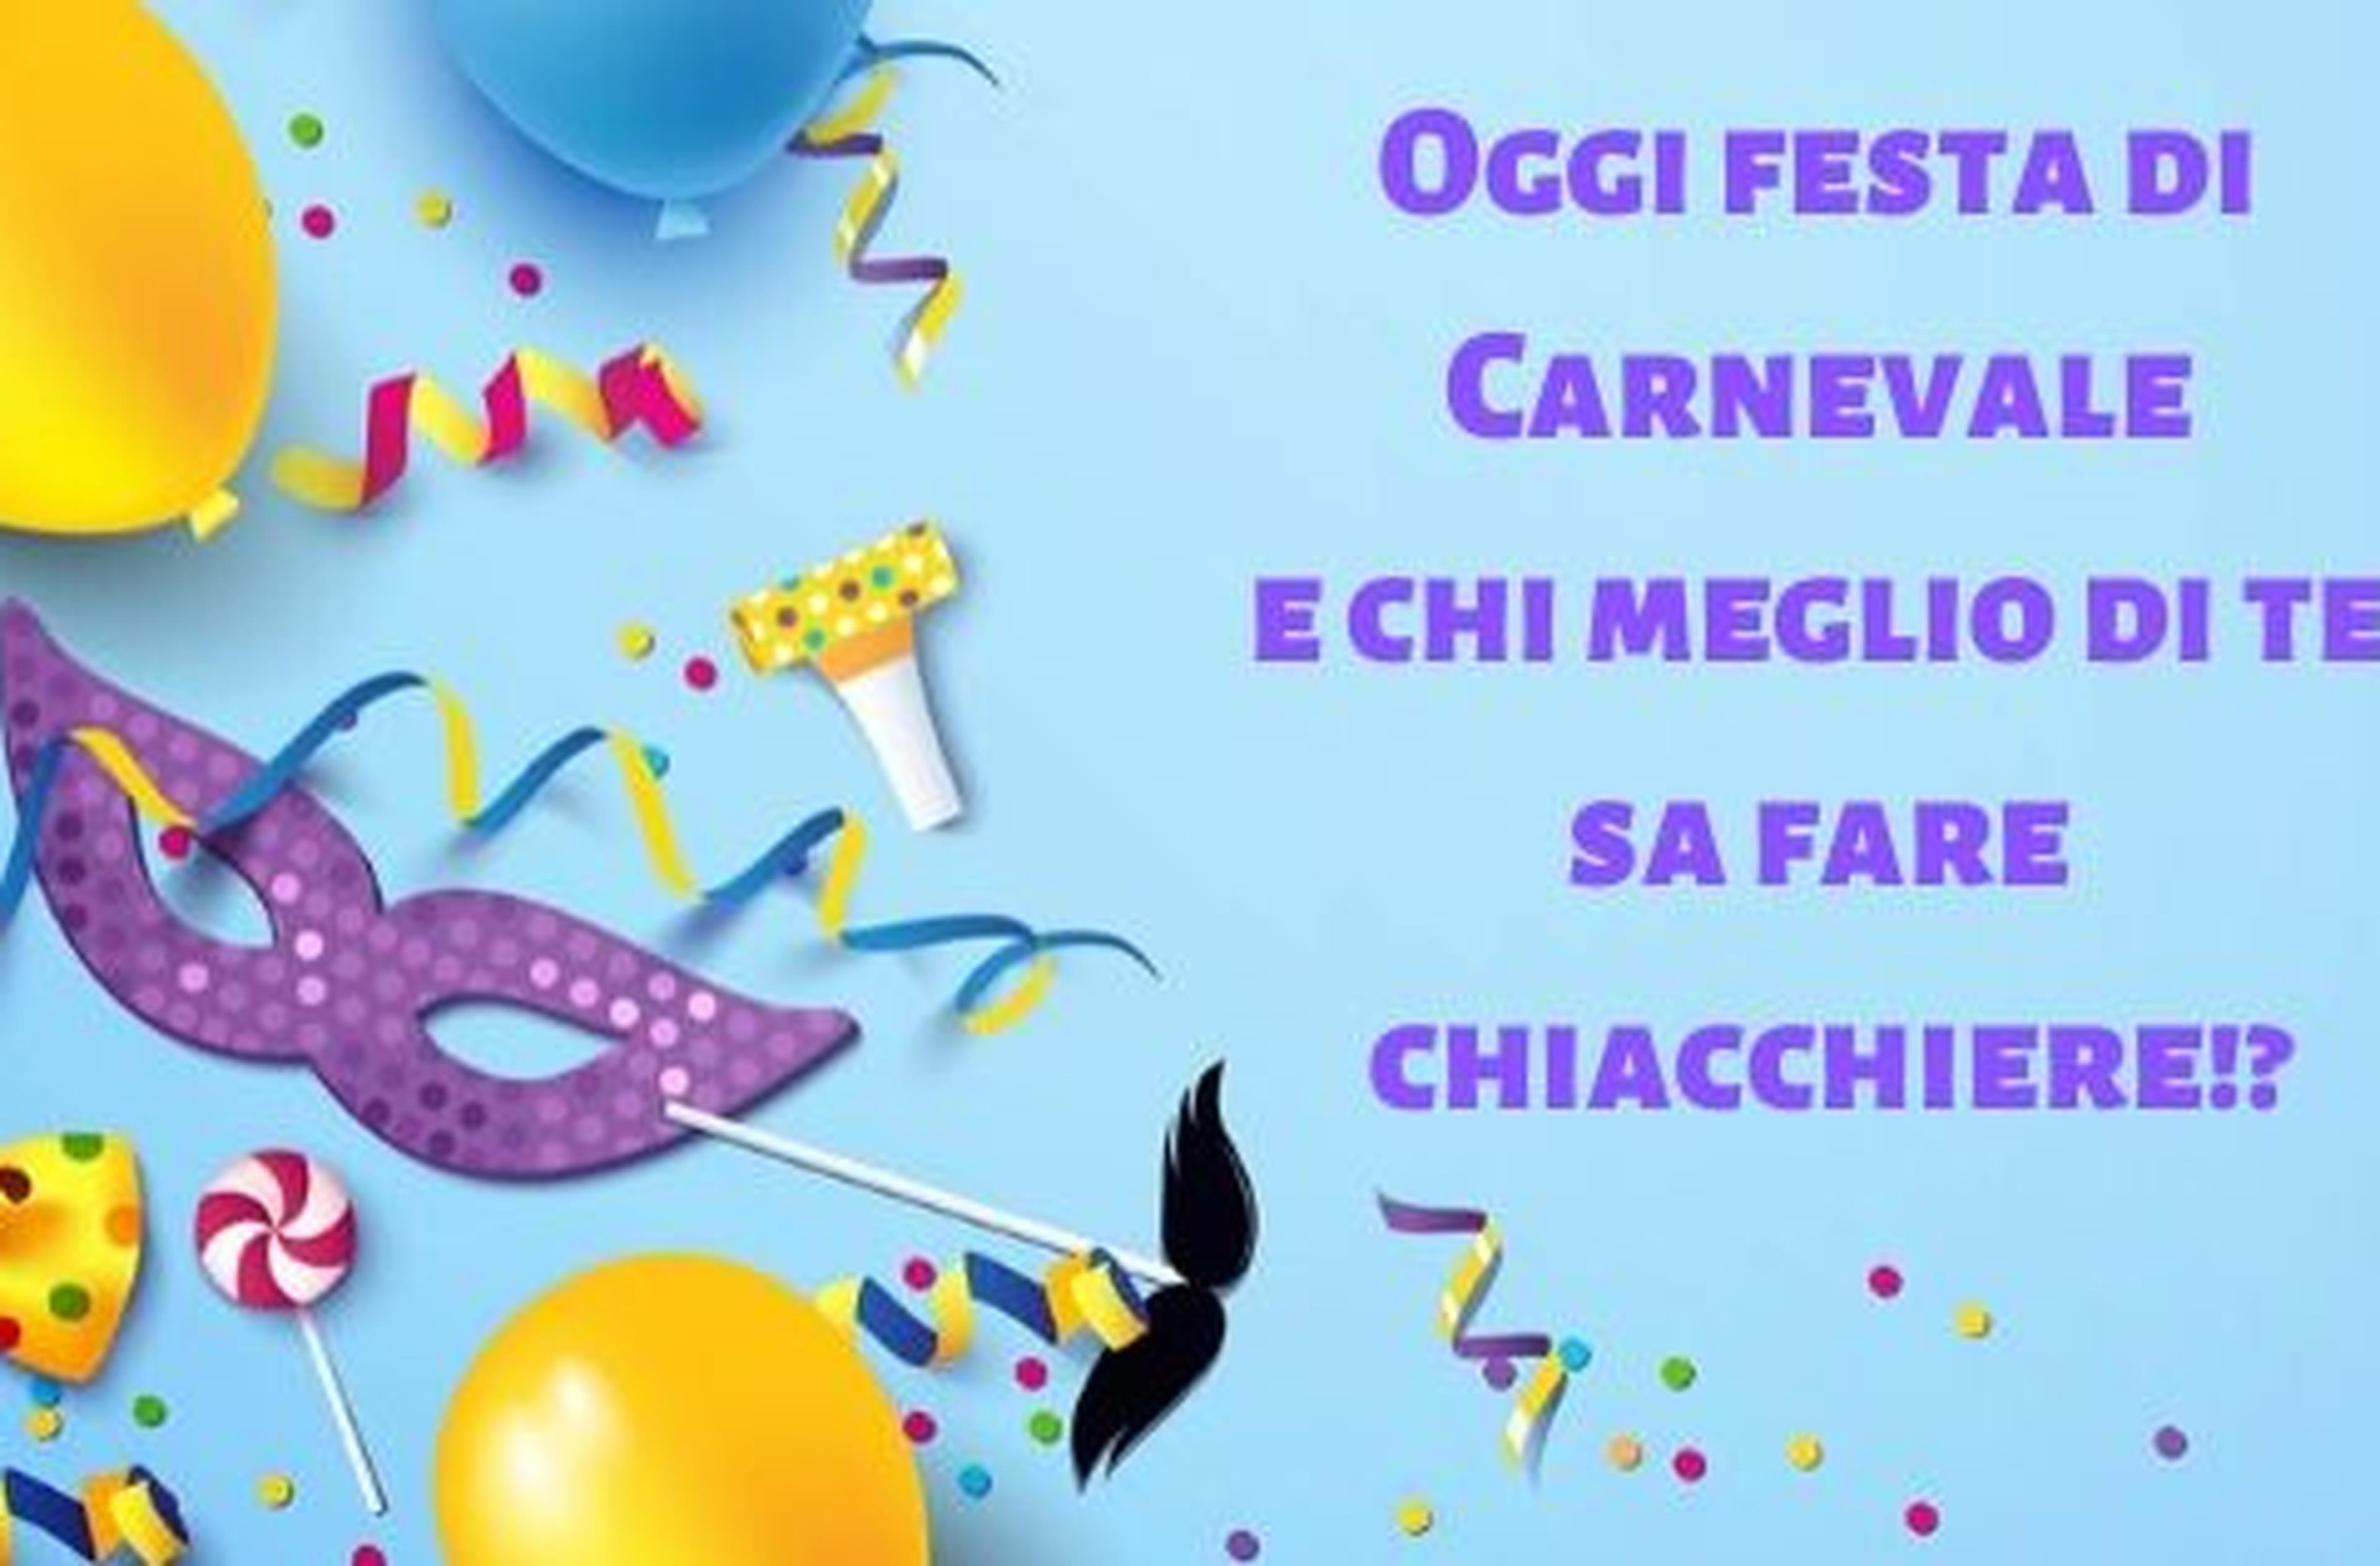 Oggi festa di Carnevale e chi meglio di te sa fare chiacchiere!?